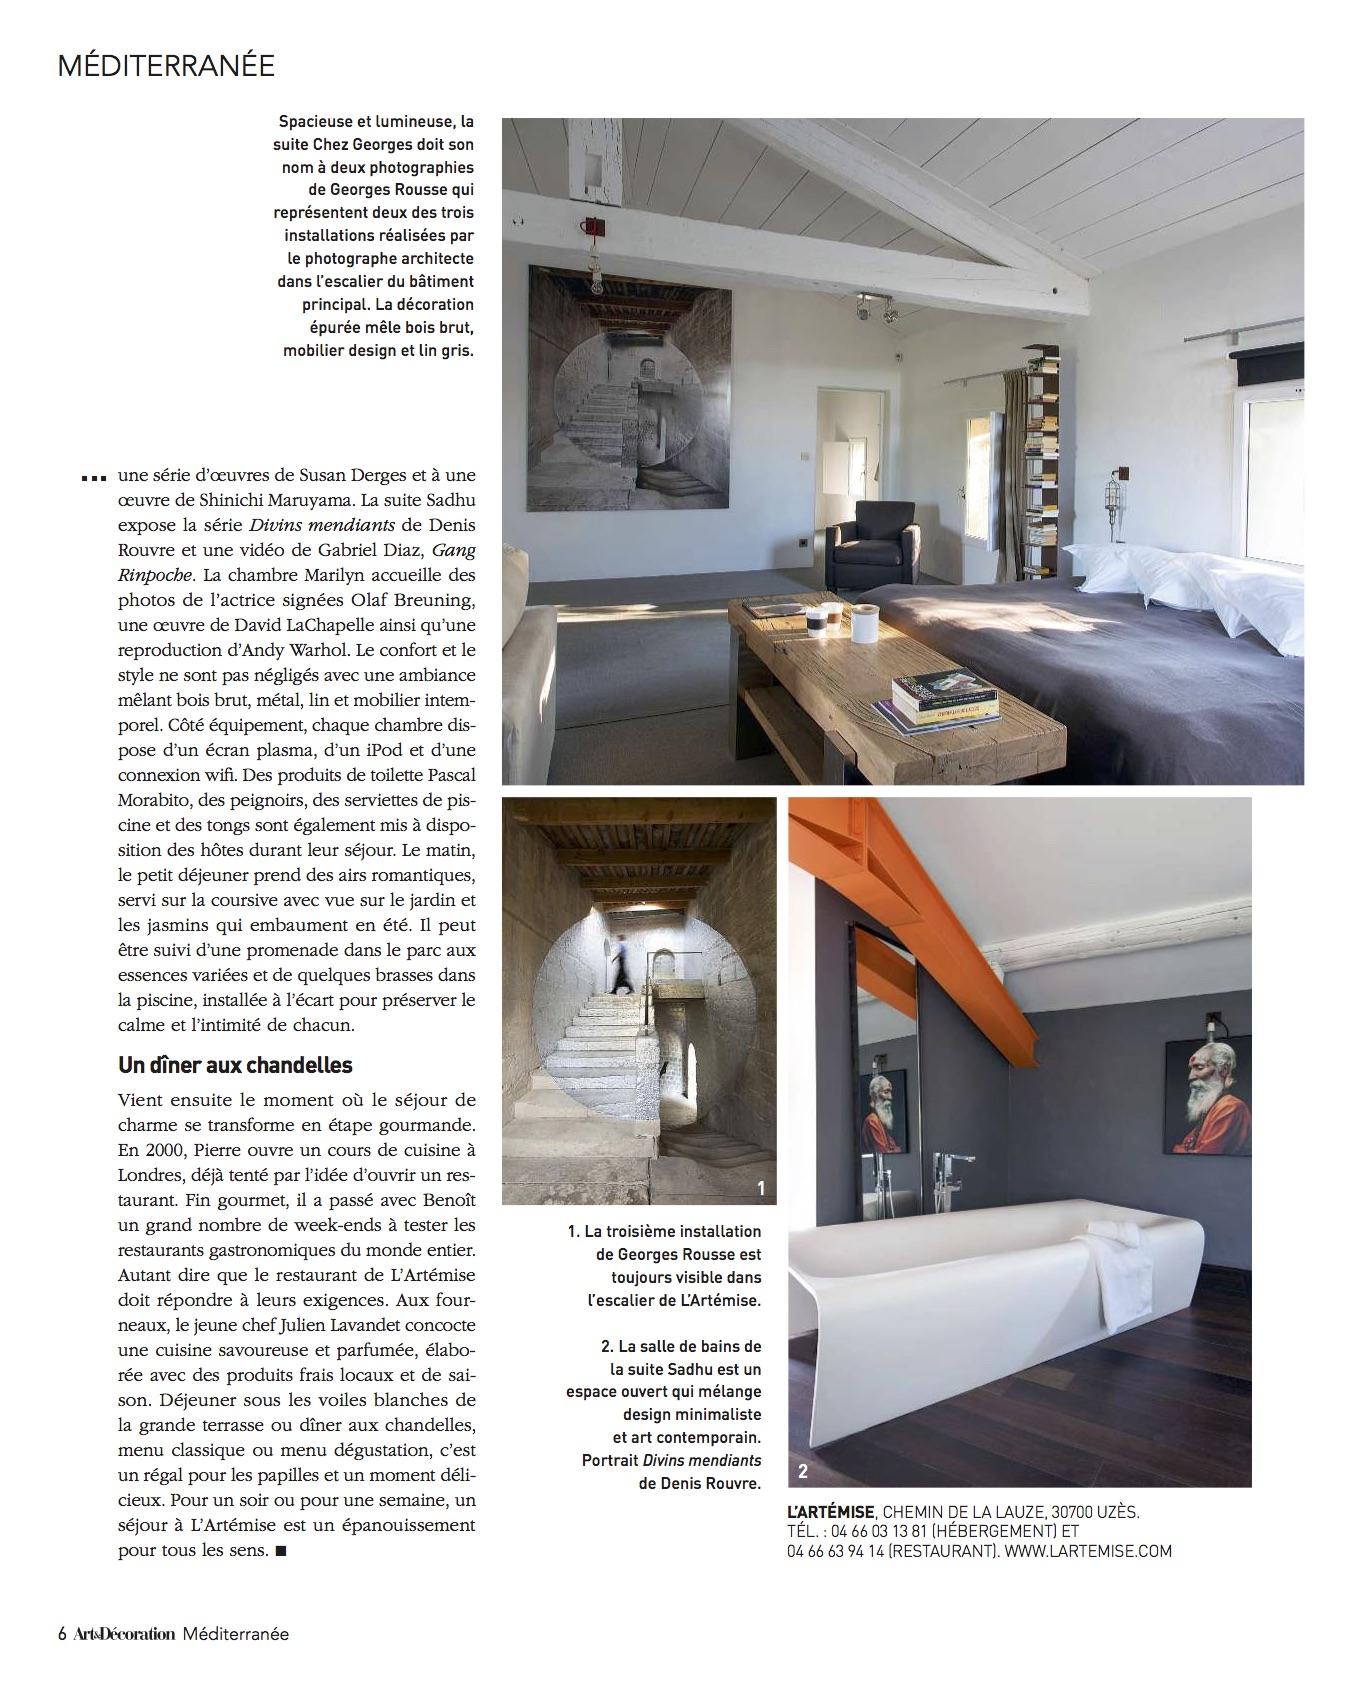 Art Et Decoration Juin 2017 presse -